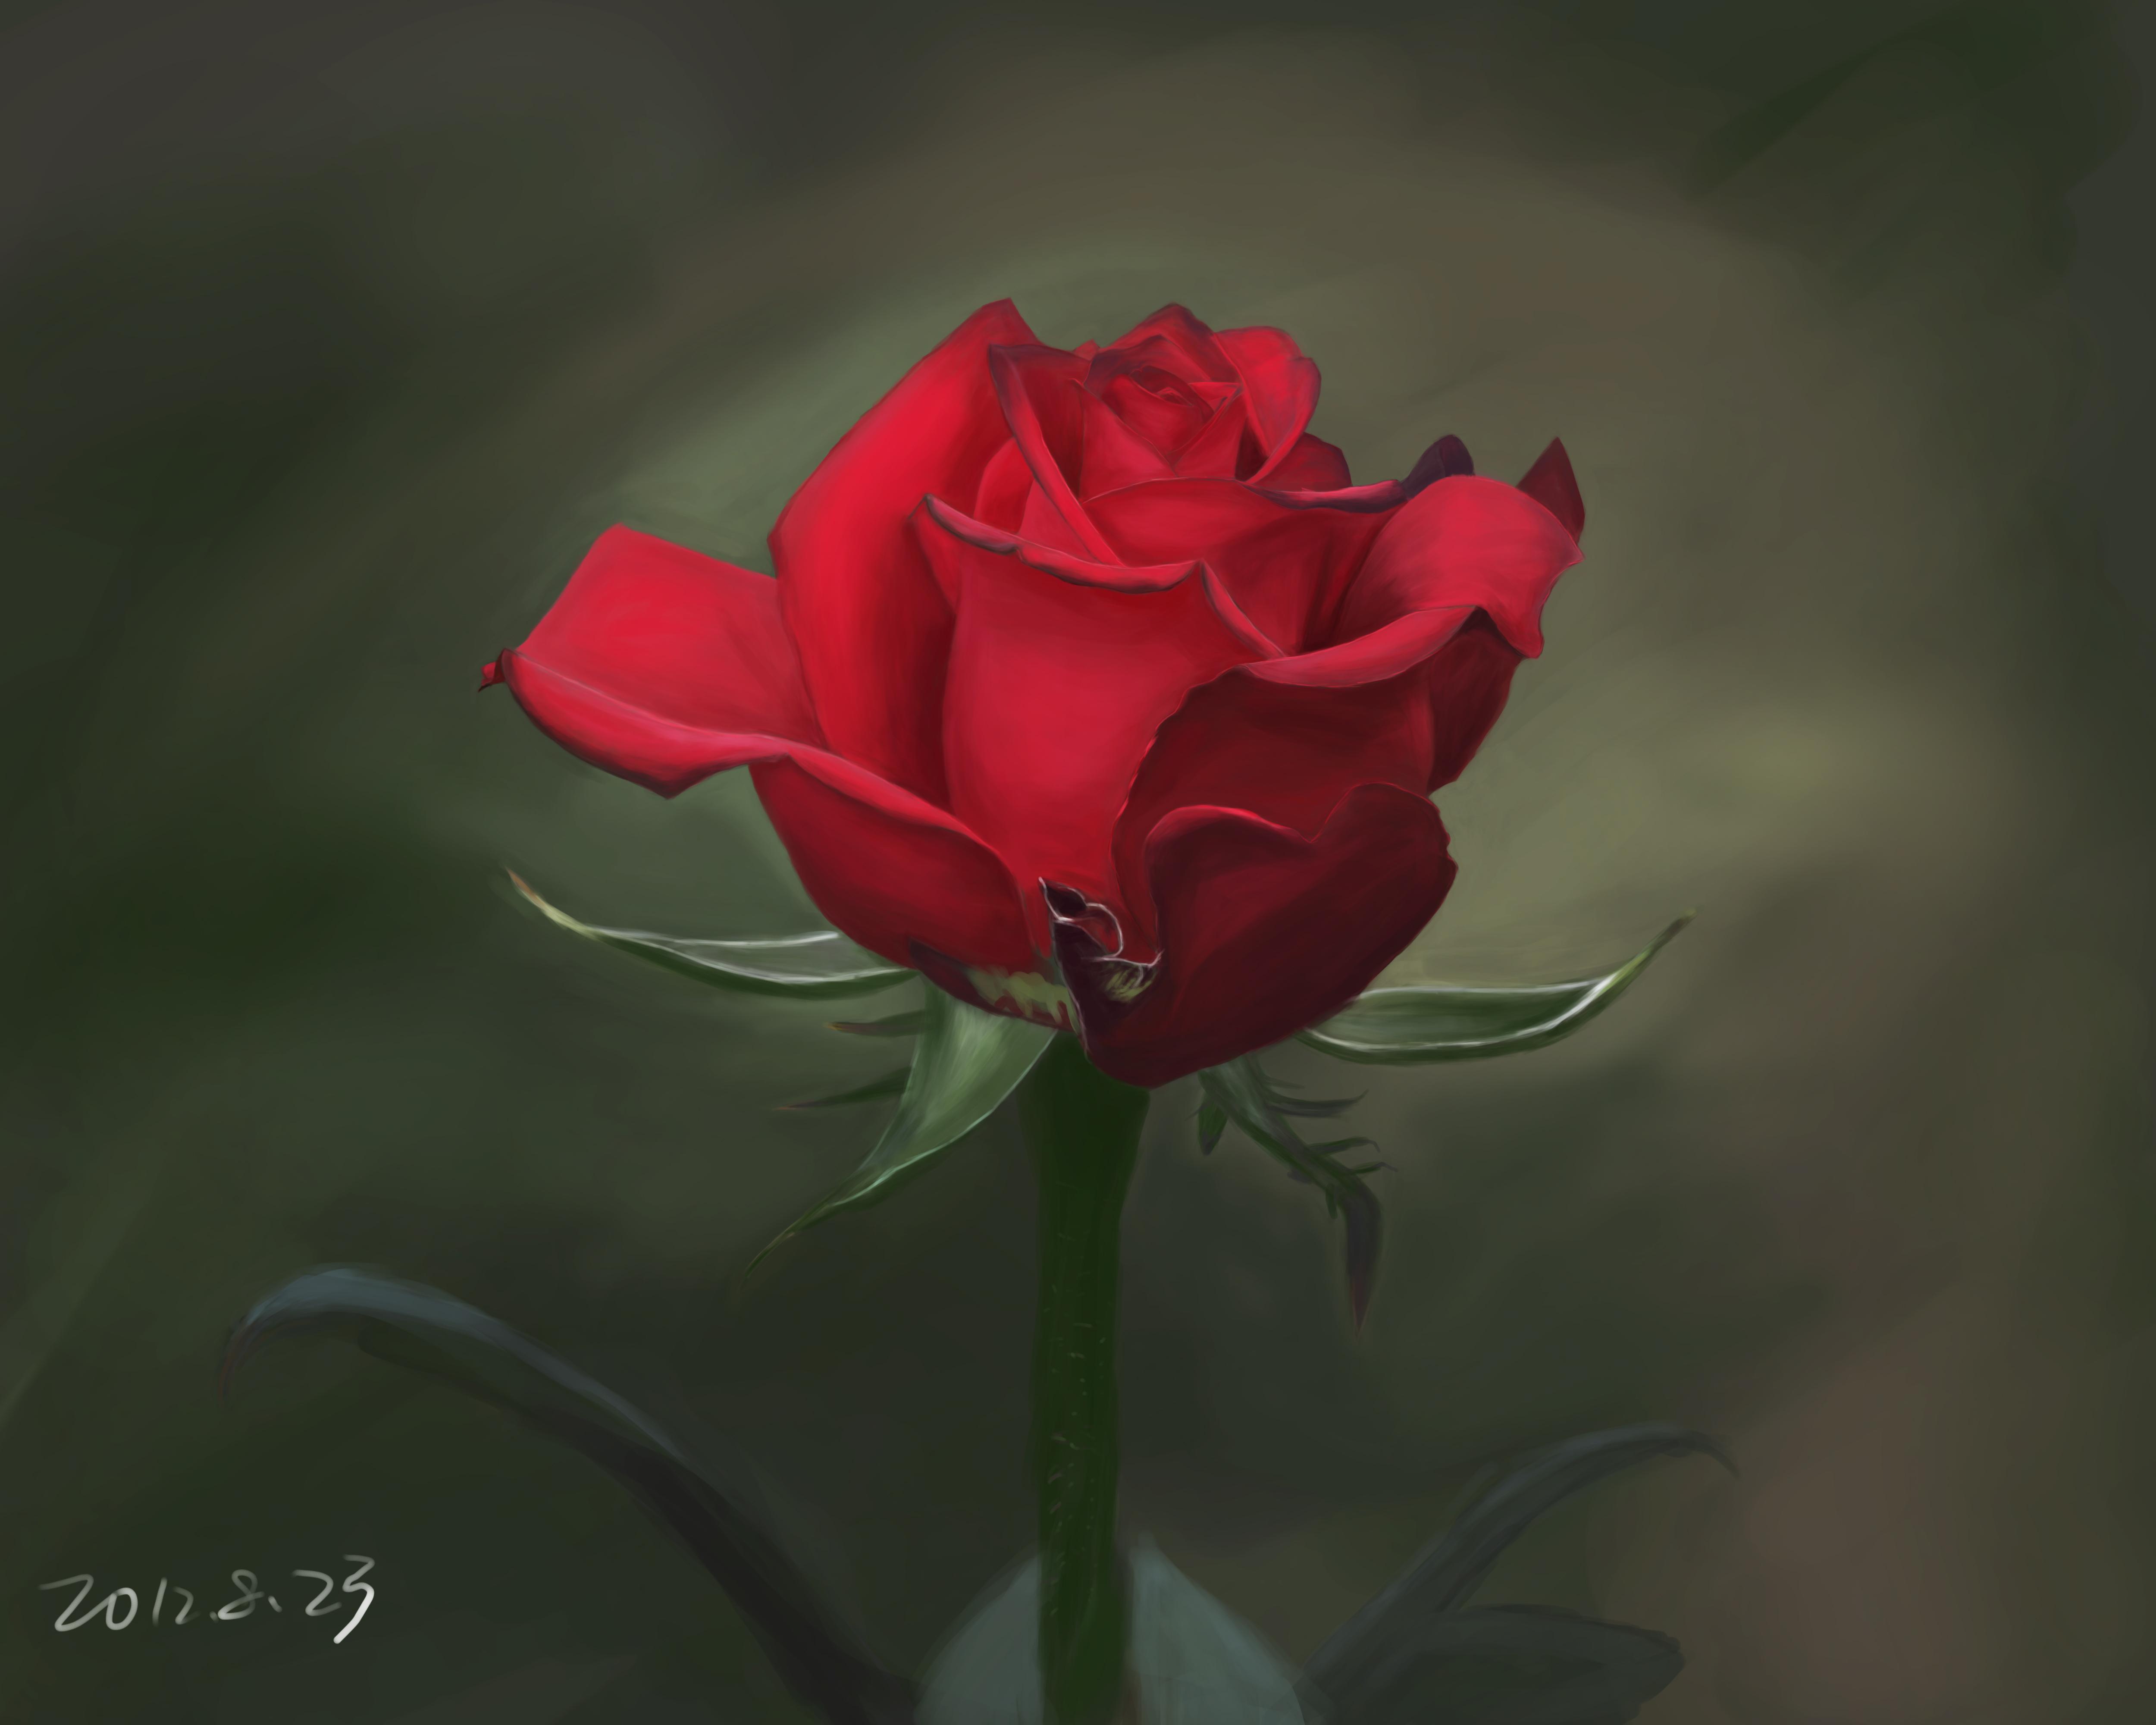 一朵玫瑰是啥意思.